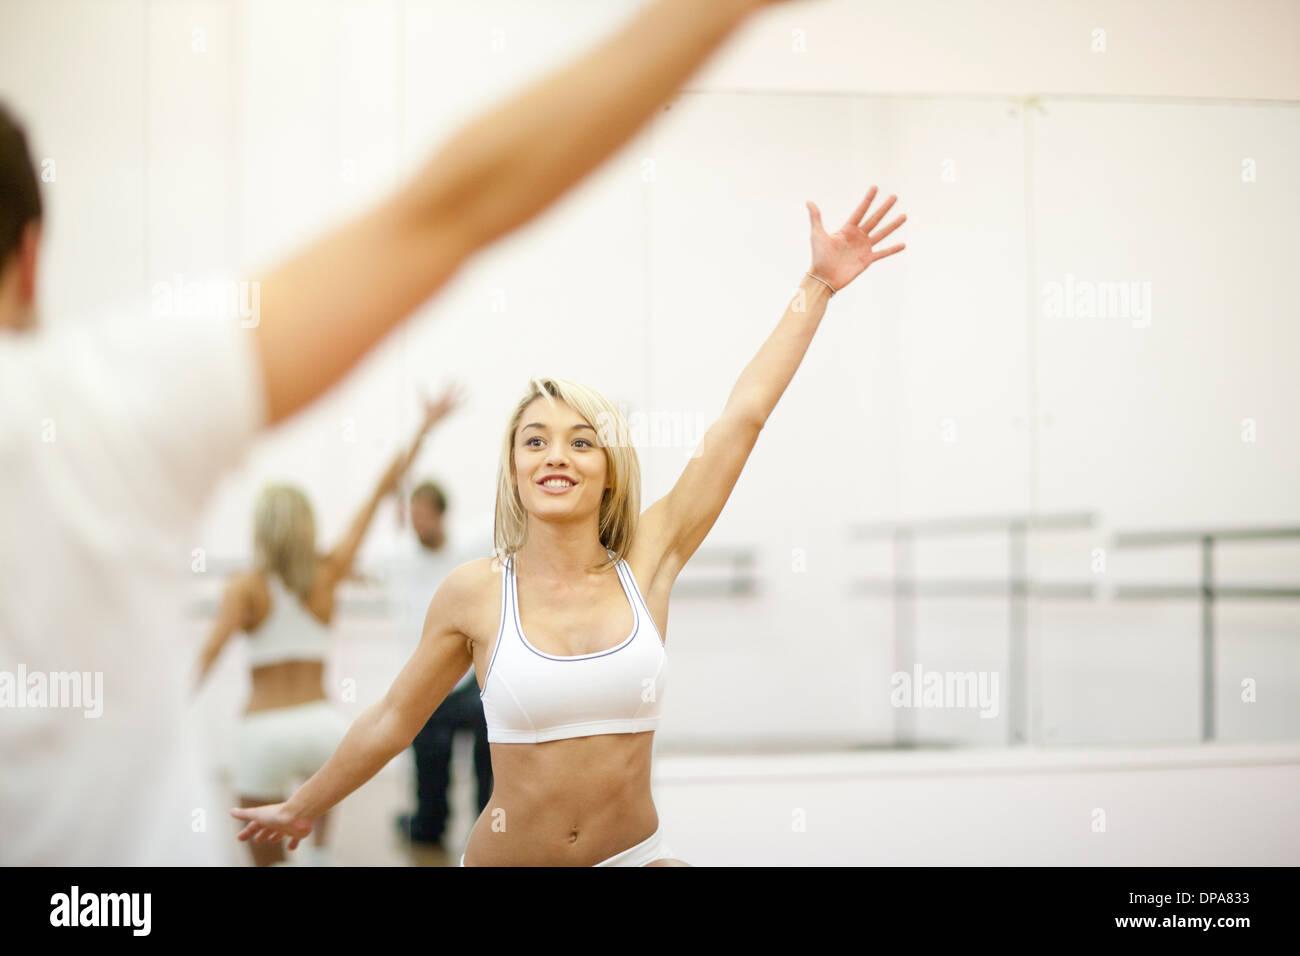 Giovane donna allenamento aerobico in palestra Immagini Stock